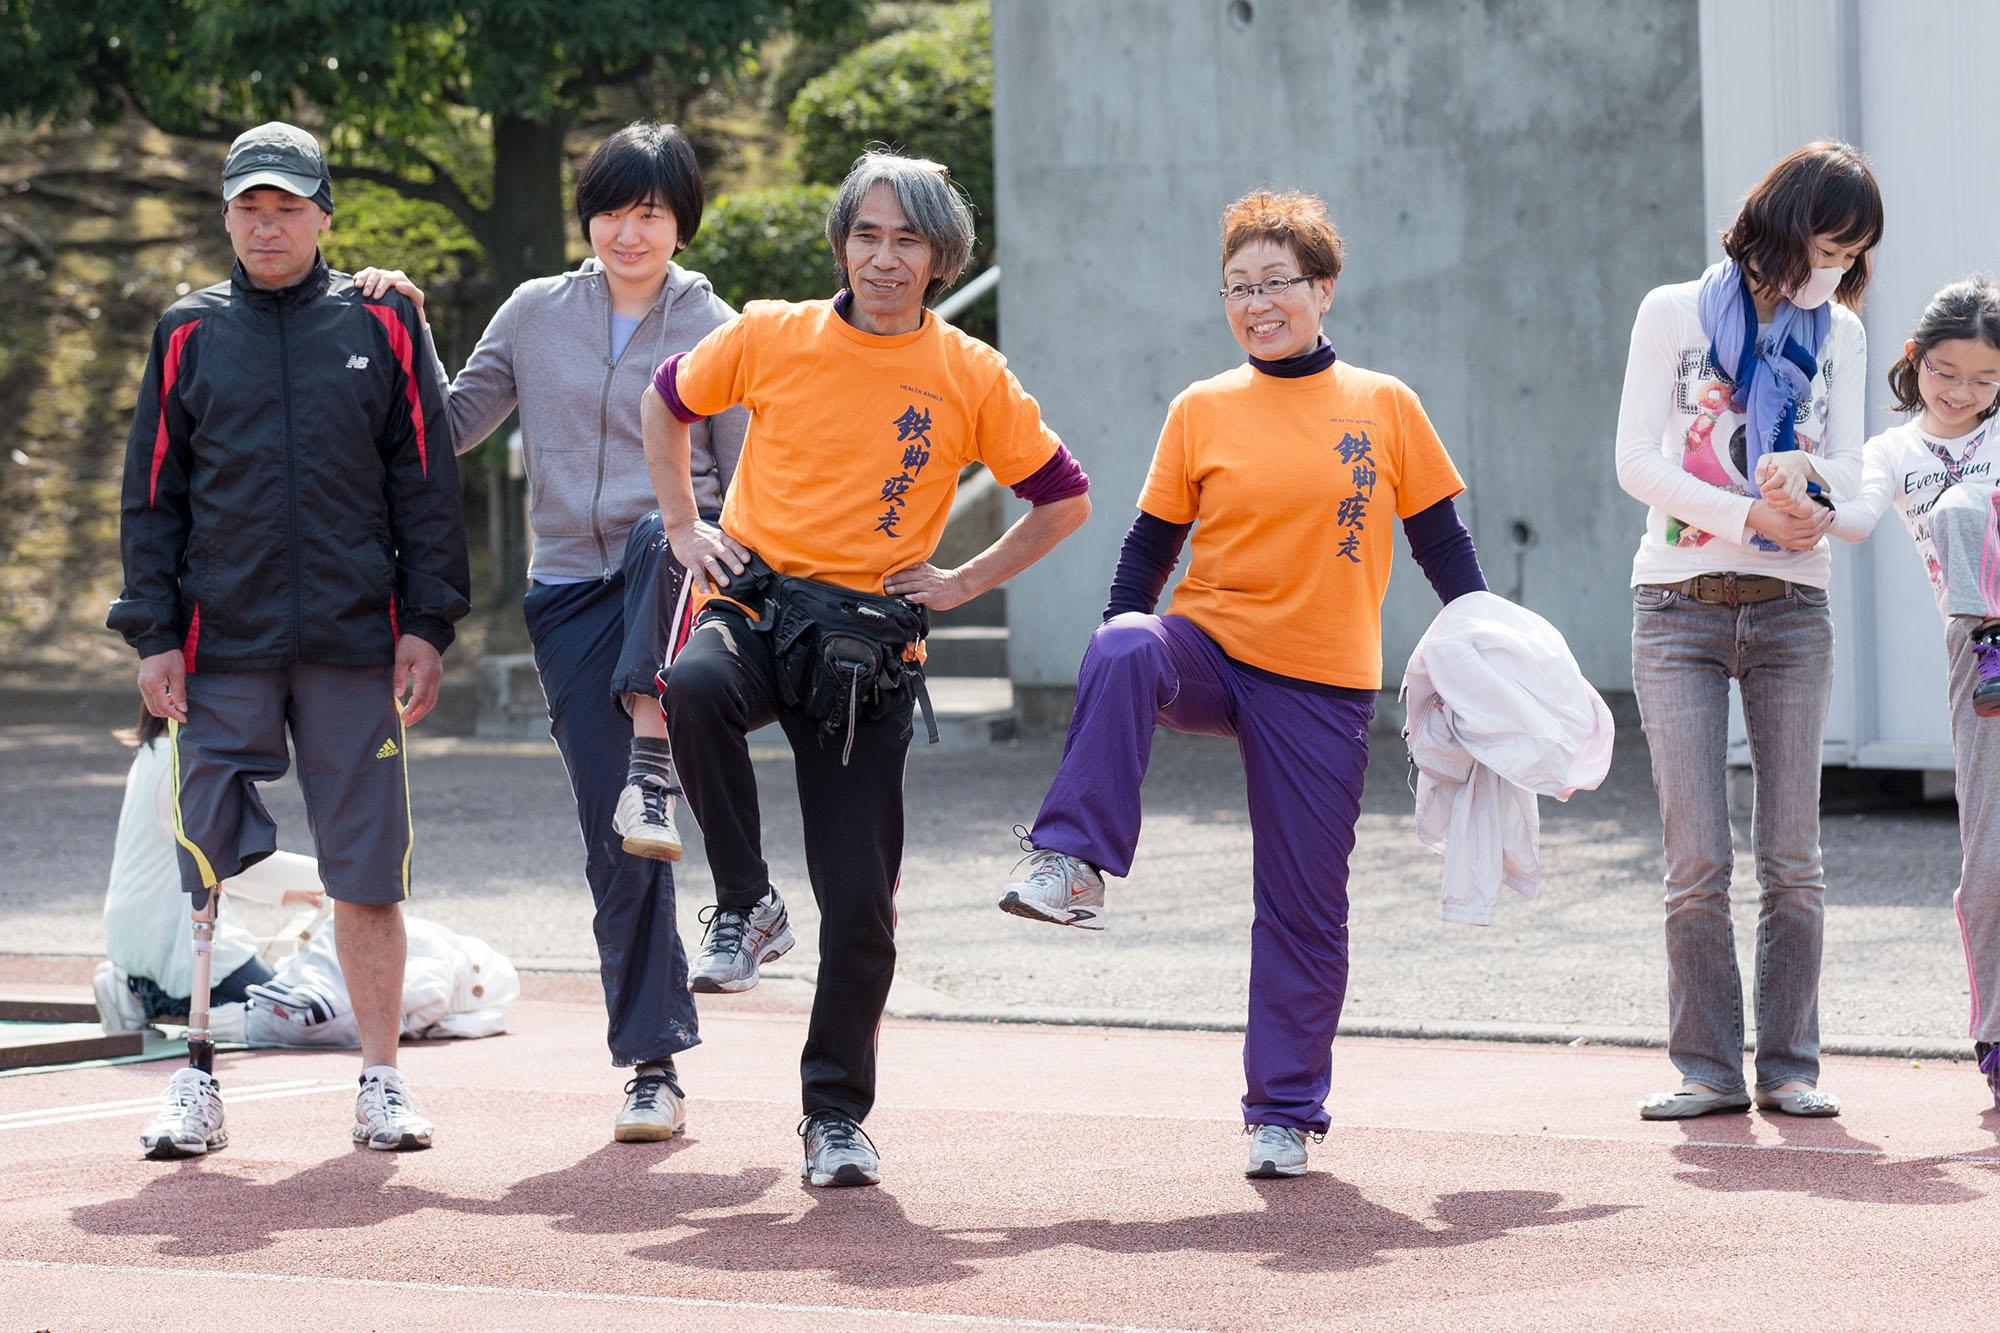 臼井さん(中央左)が主宰するヘルスエンジェルスは月1回程度行われていて、60-70人が参加する(撮影:越智貴雄)